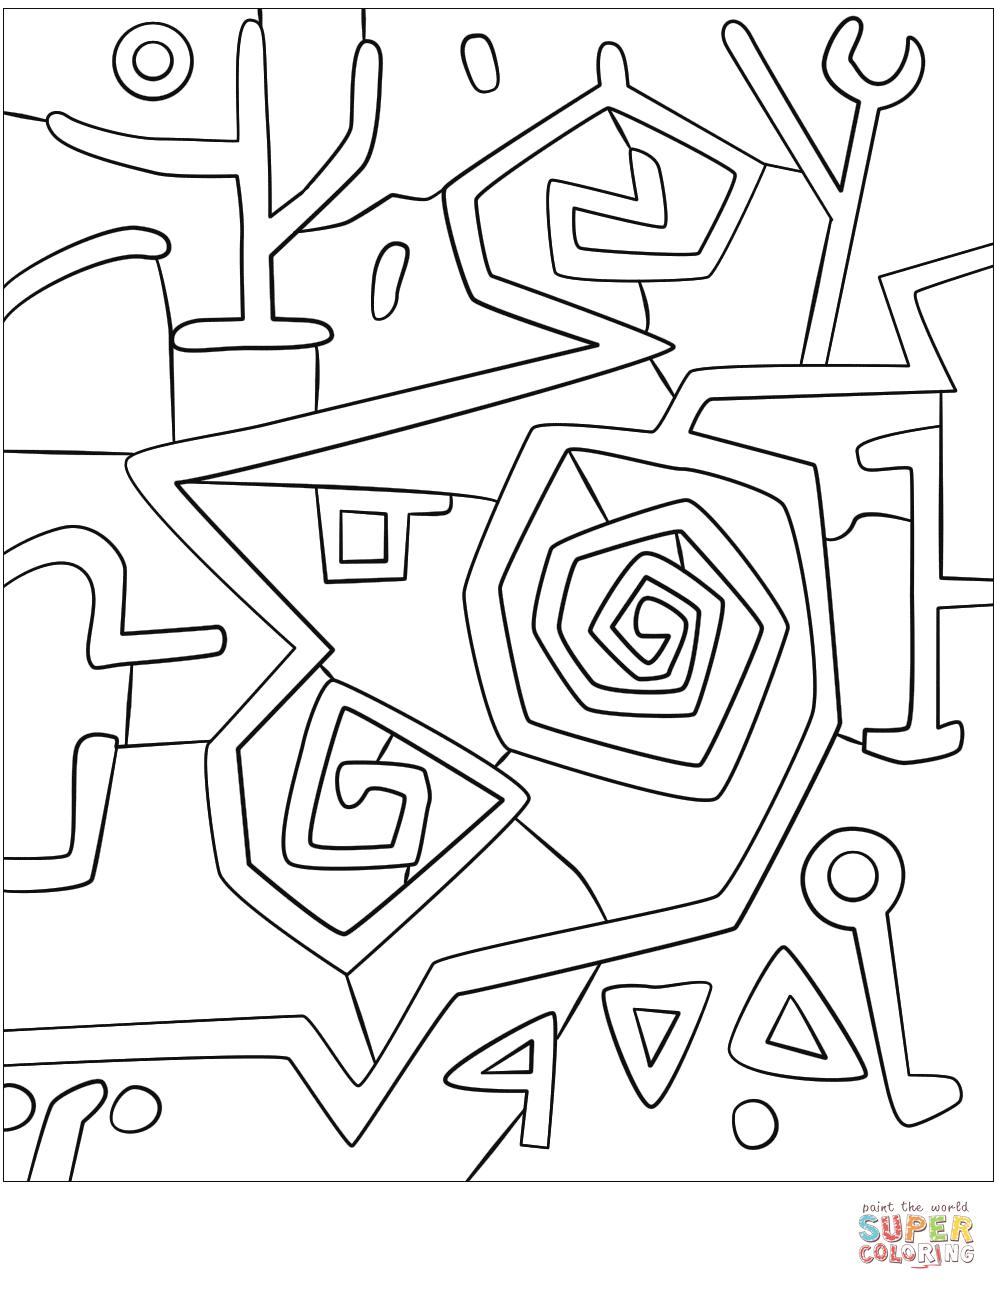 Dibujo de Rosas Heróicas de Paul Klee para colorear